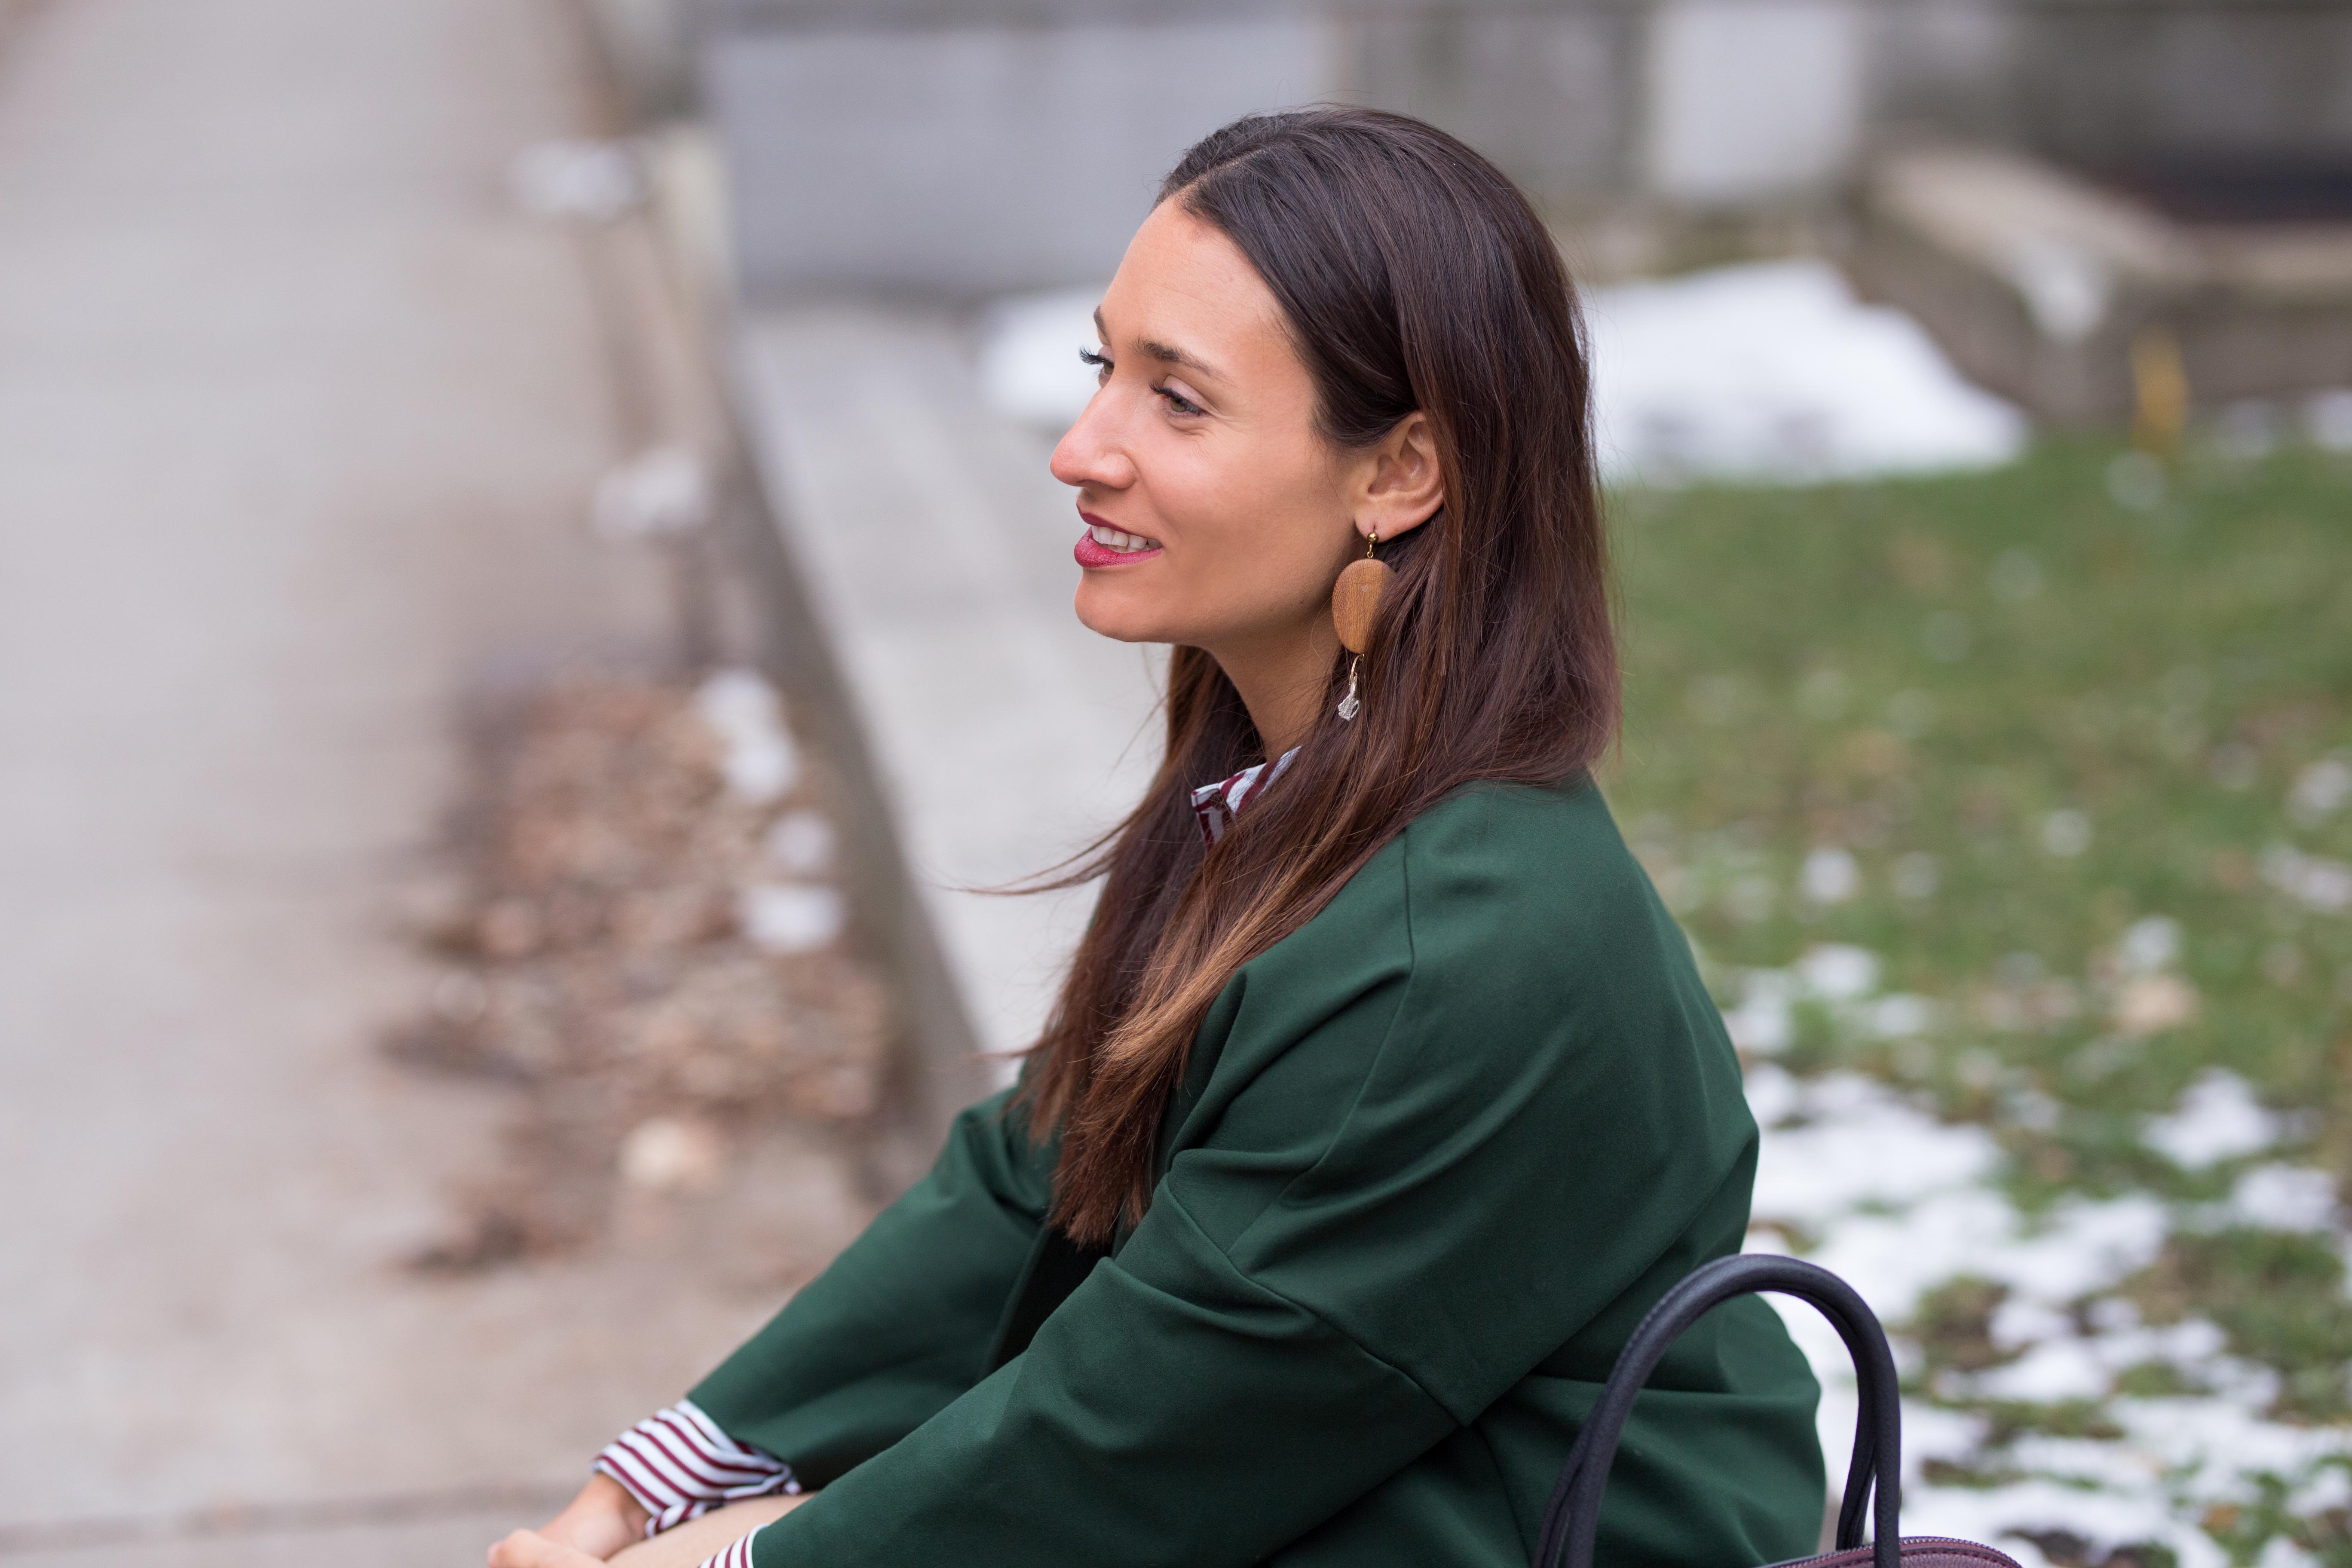 Camille Dg de profil